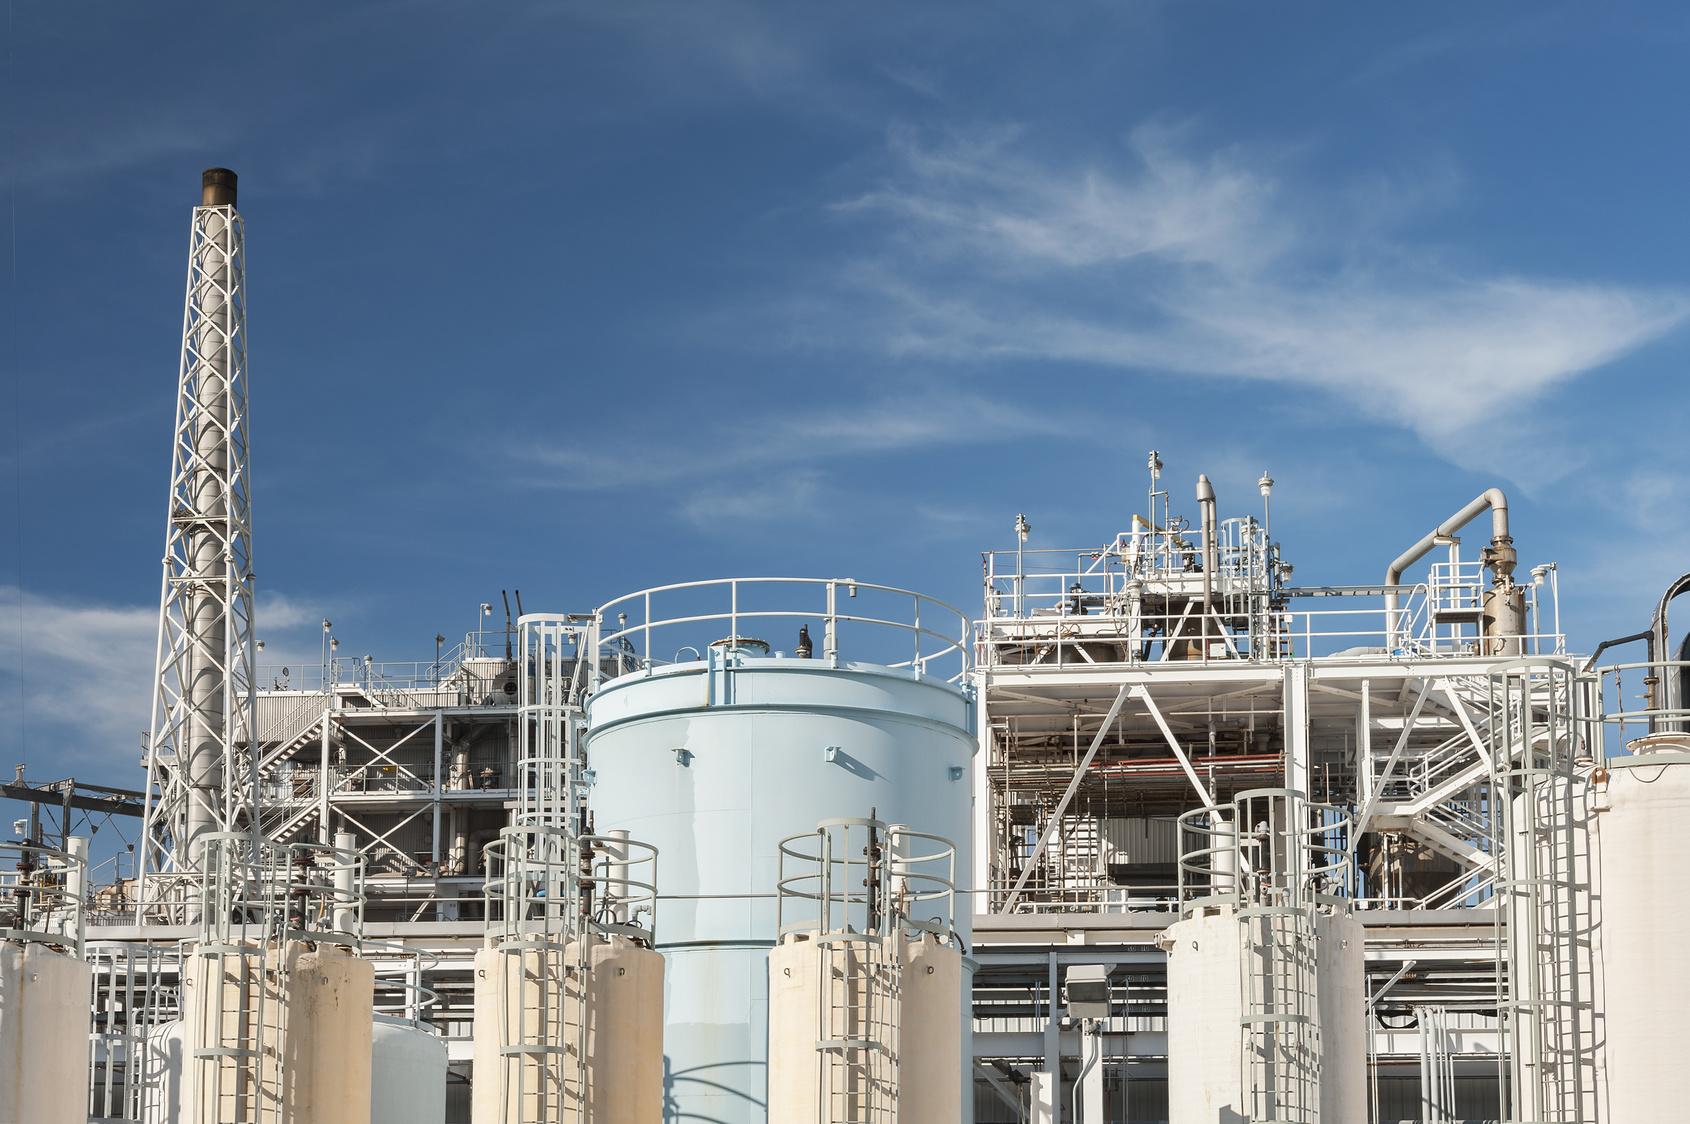 Planspiel zum Energie- und Umweltrecht im Unternehmen